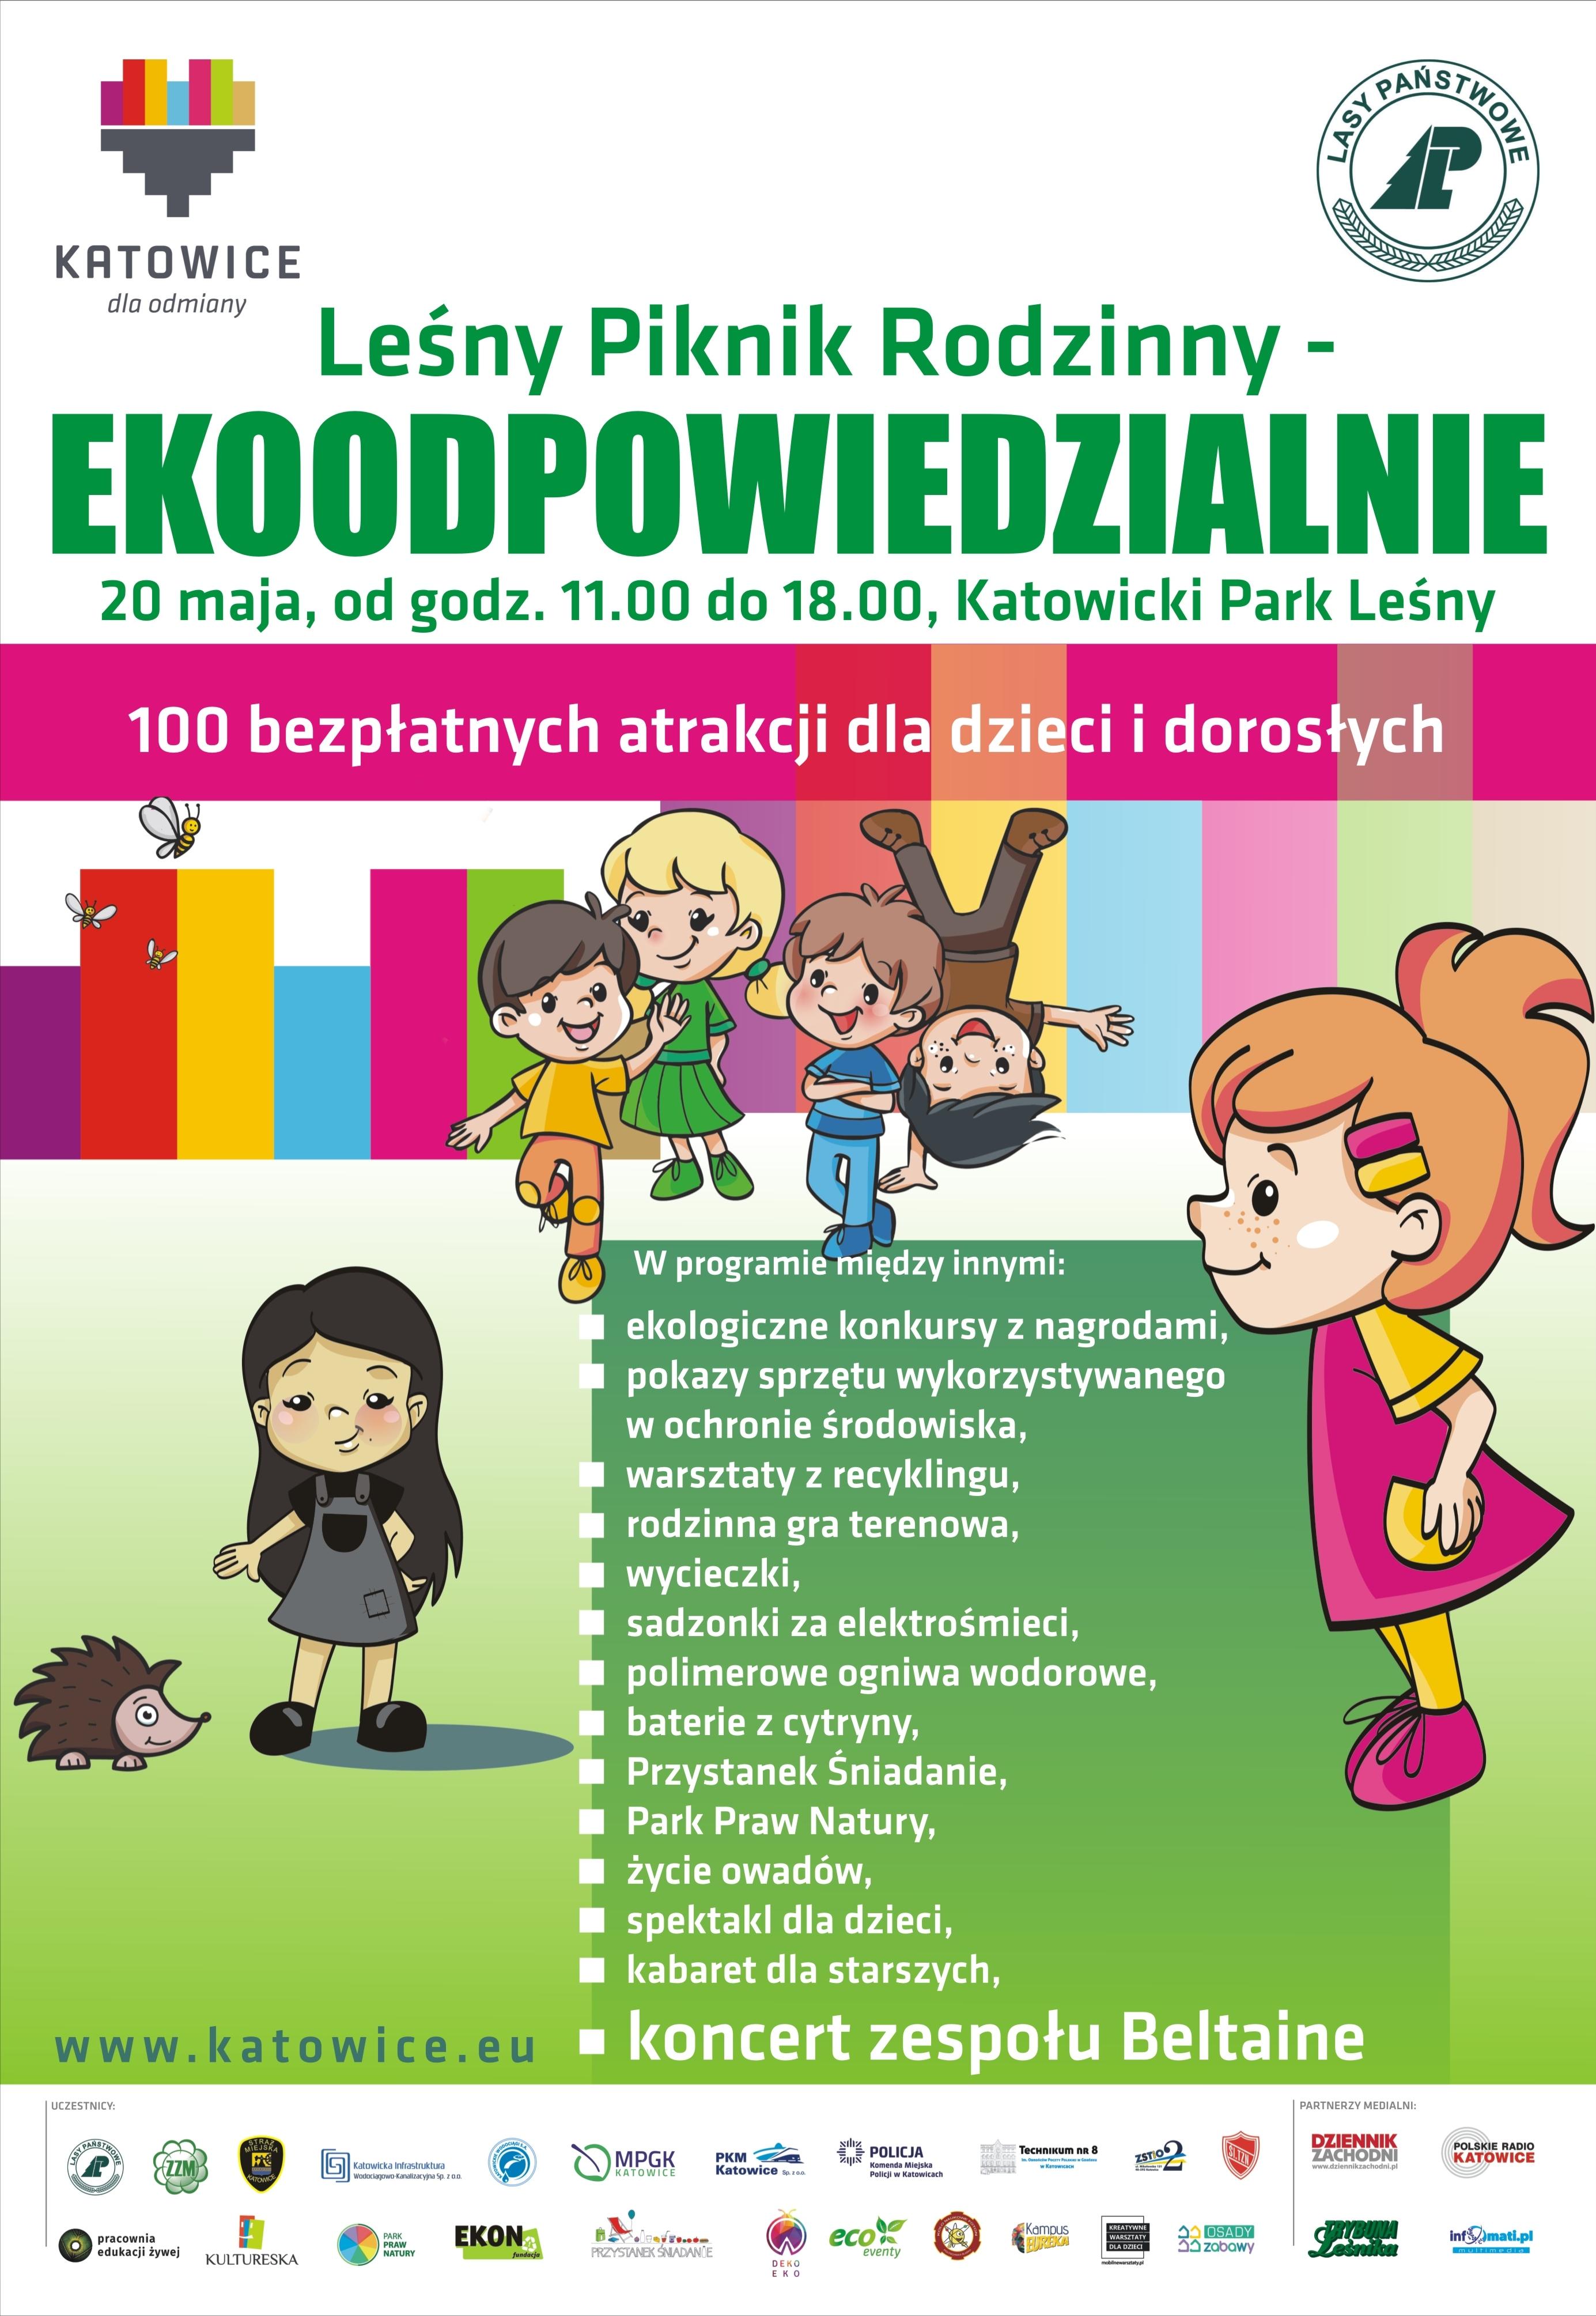 plakat EKOODPOWIEDZIALNIE_2017.jpg